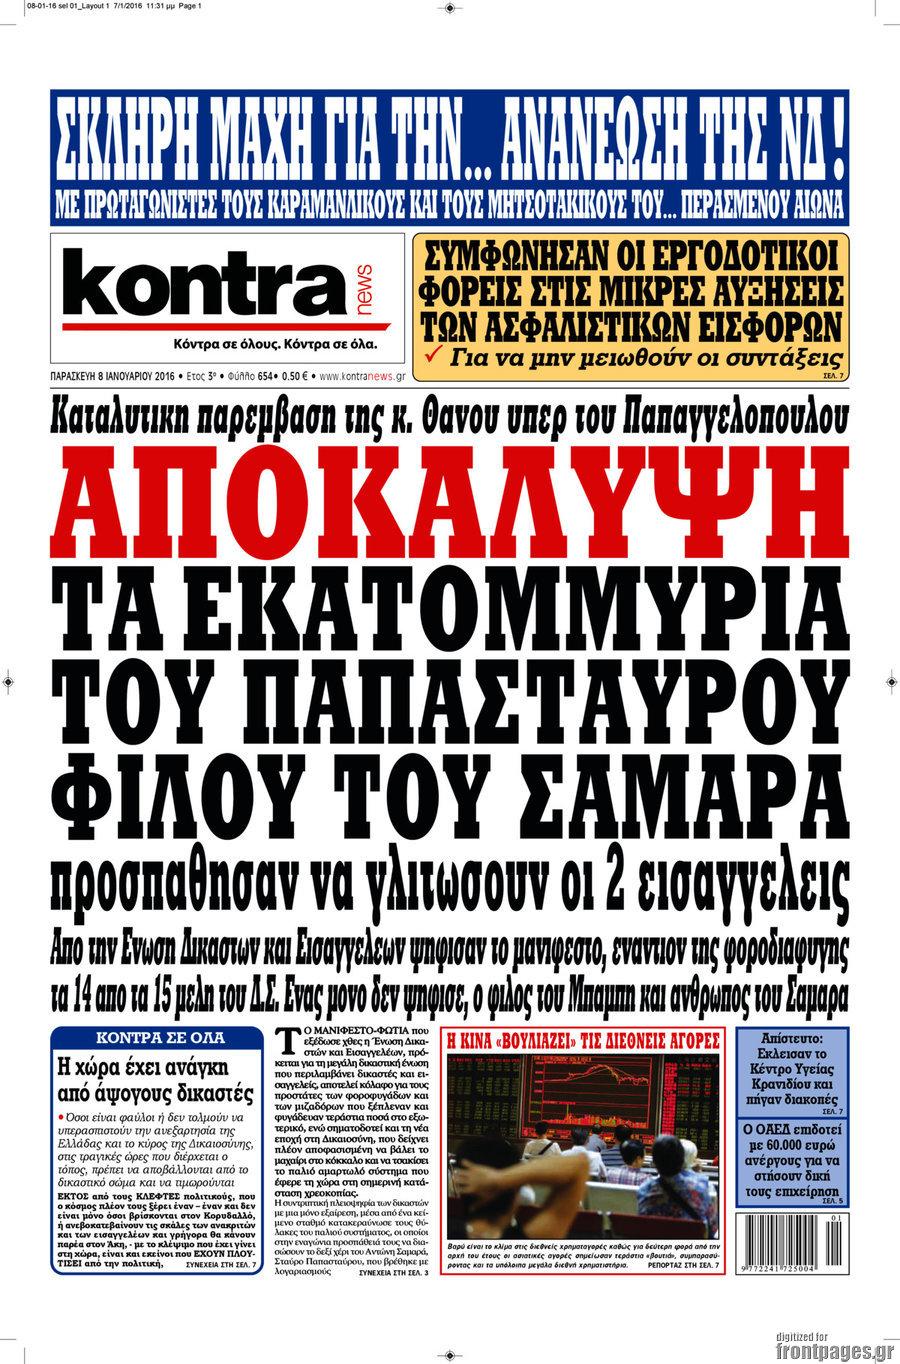 Αποτέλεσμα εικόνας για kontra news παπασταύρου